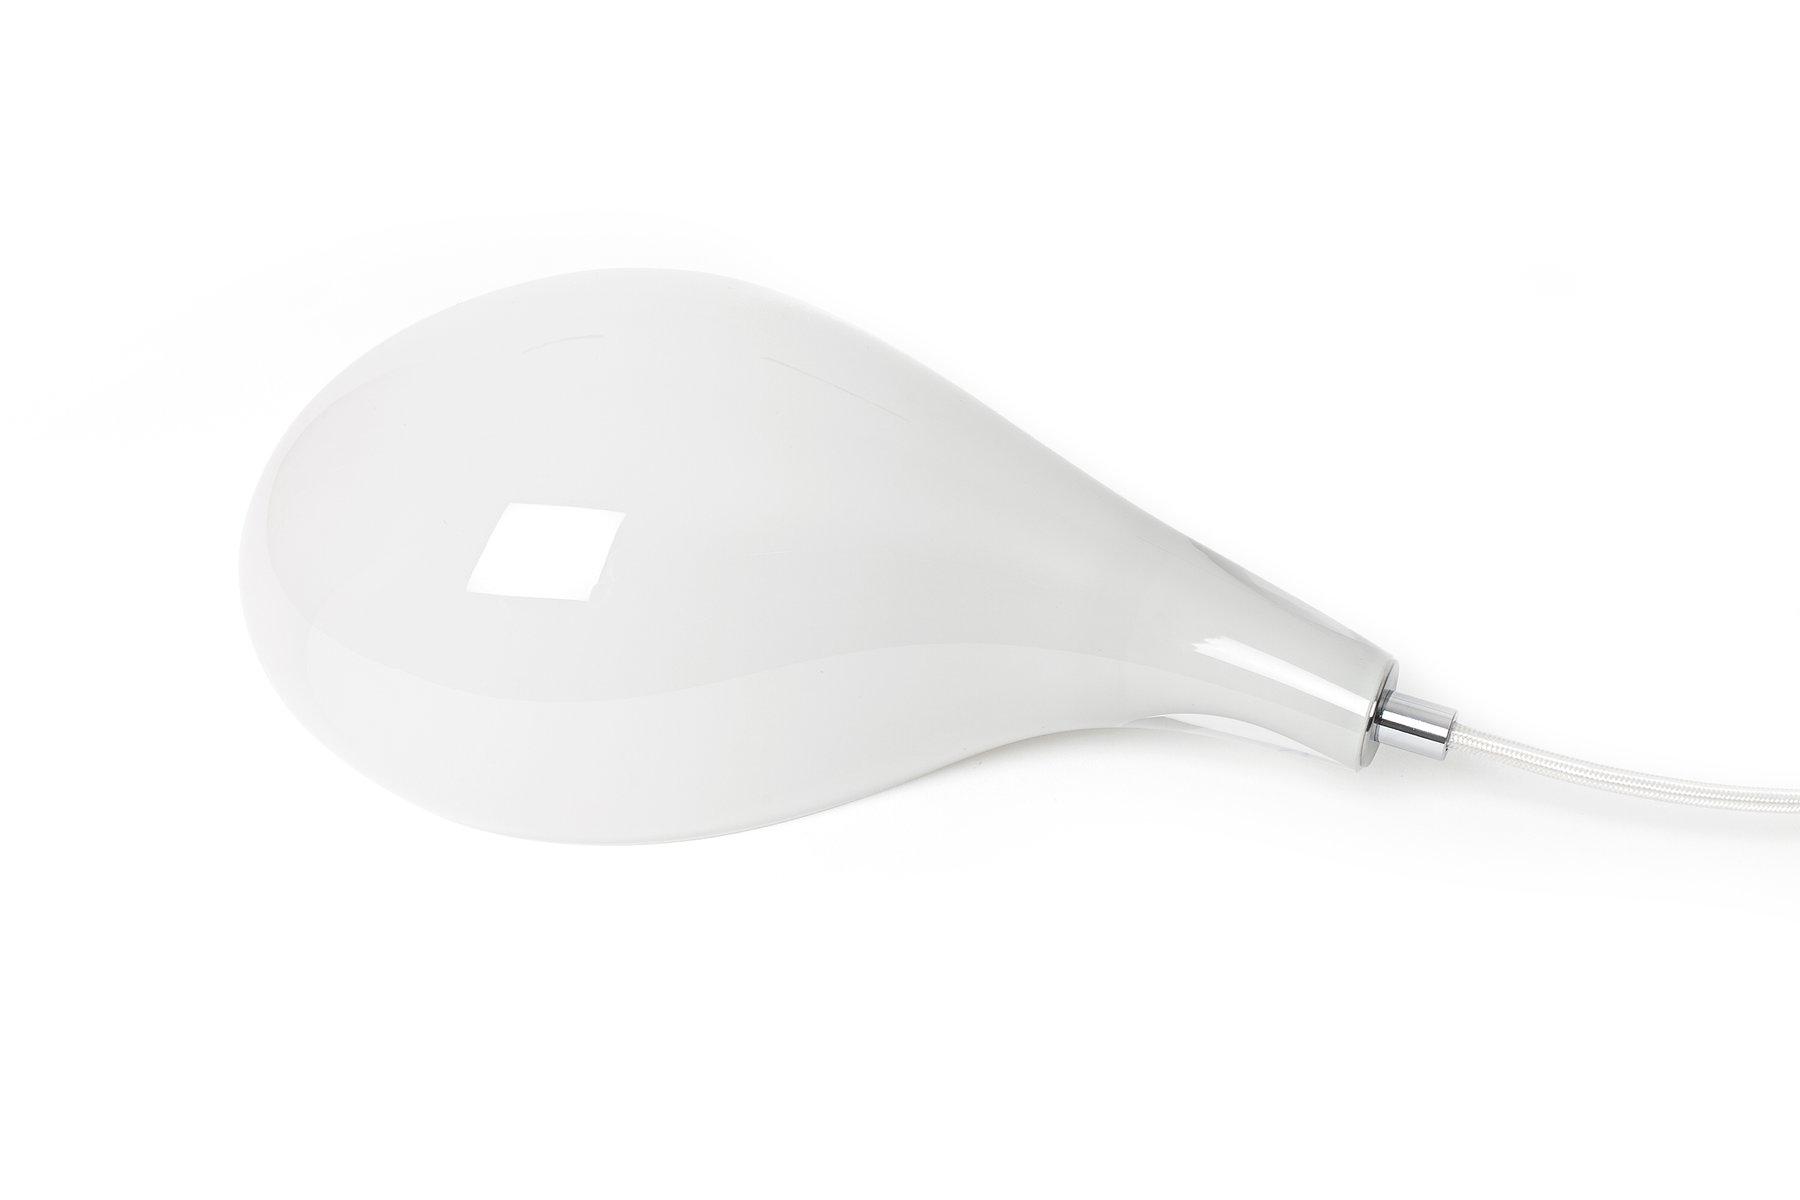 Leech Lampe in Weiß von Stoft Studio